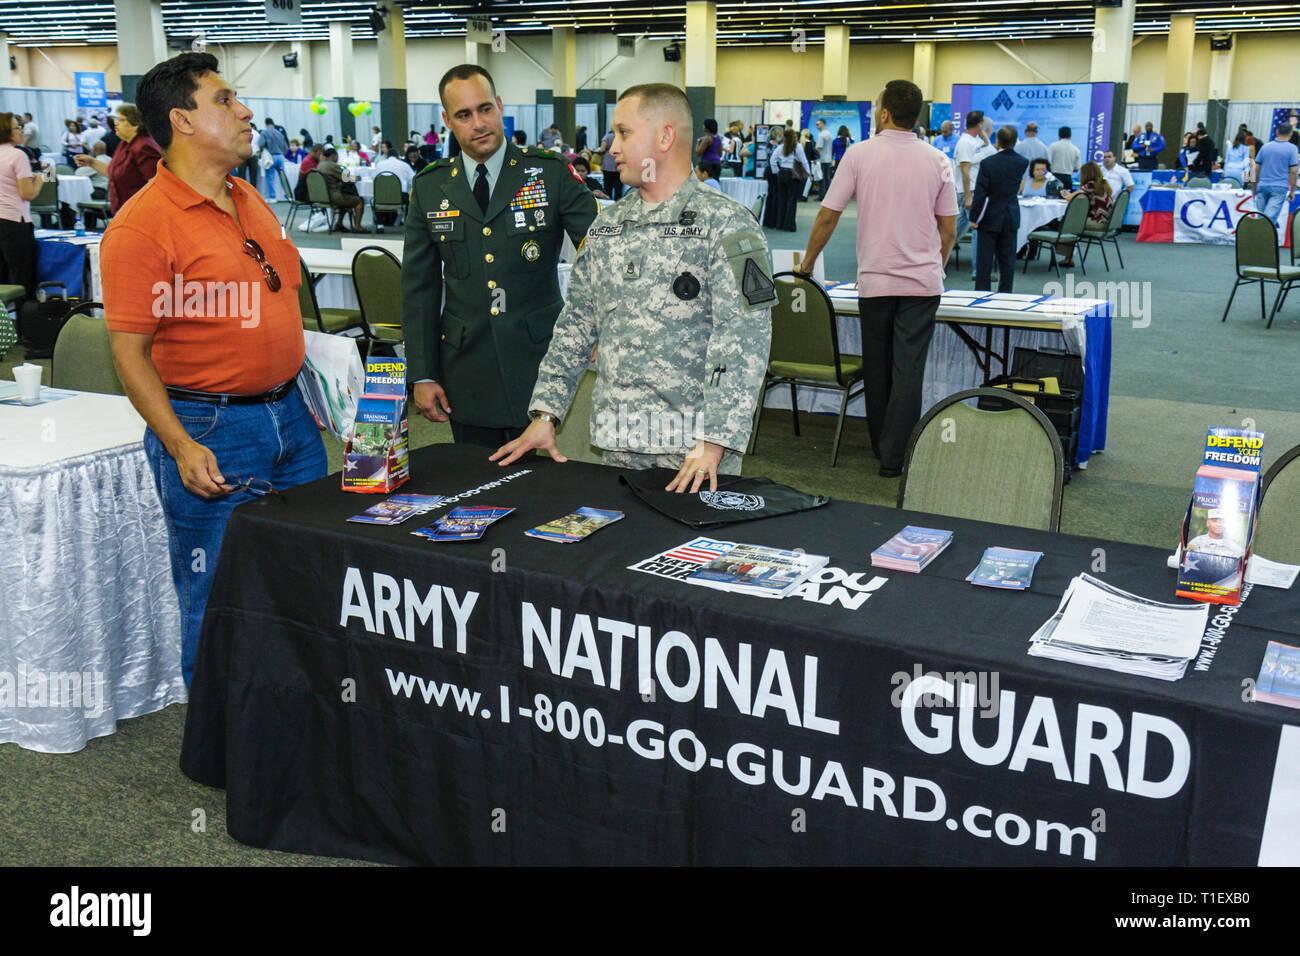 Miami Florida Job Fair carriera di occupazione del lavoro disoccupati job seeker datore di lavoro il reclutamento di crisi economica booth esercito nazionale Guard Immagini Stock